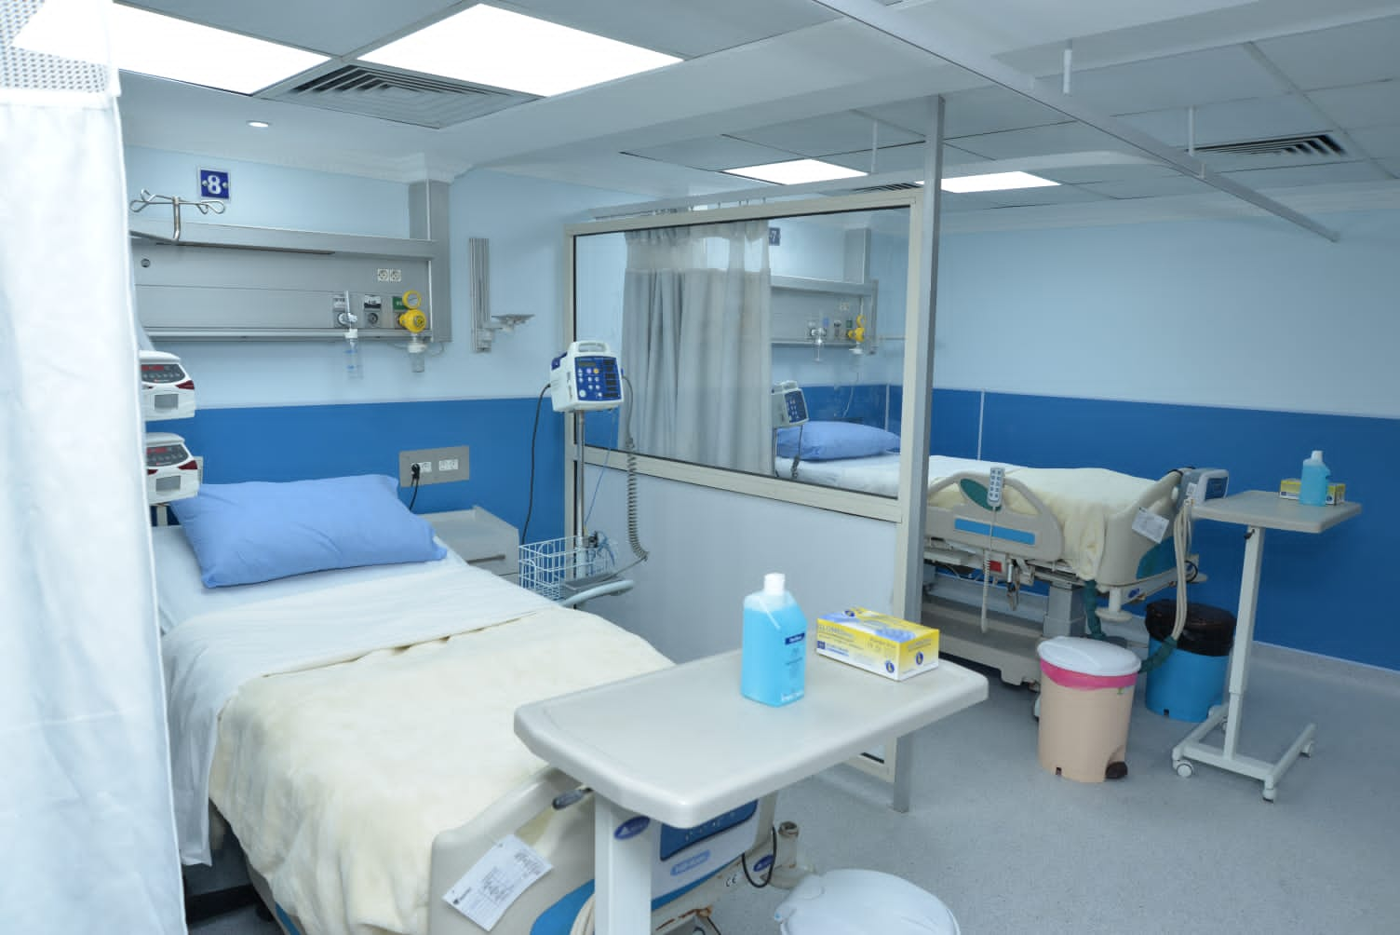 اتفرج على تجديد وحدة الرعاية المركزية بمستشفي مصر للطيران